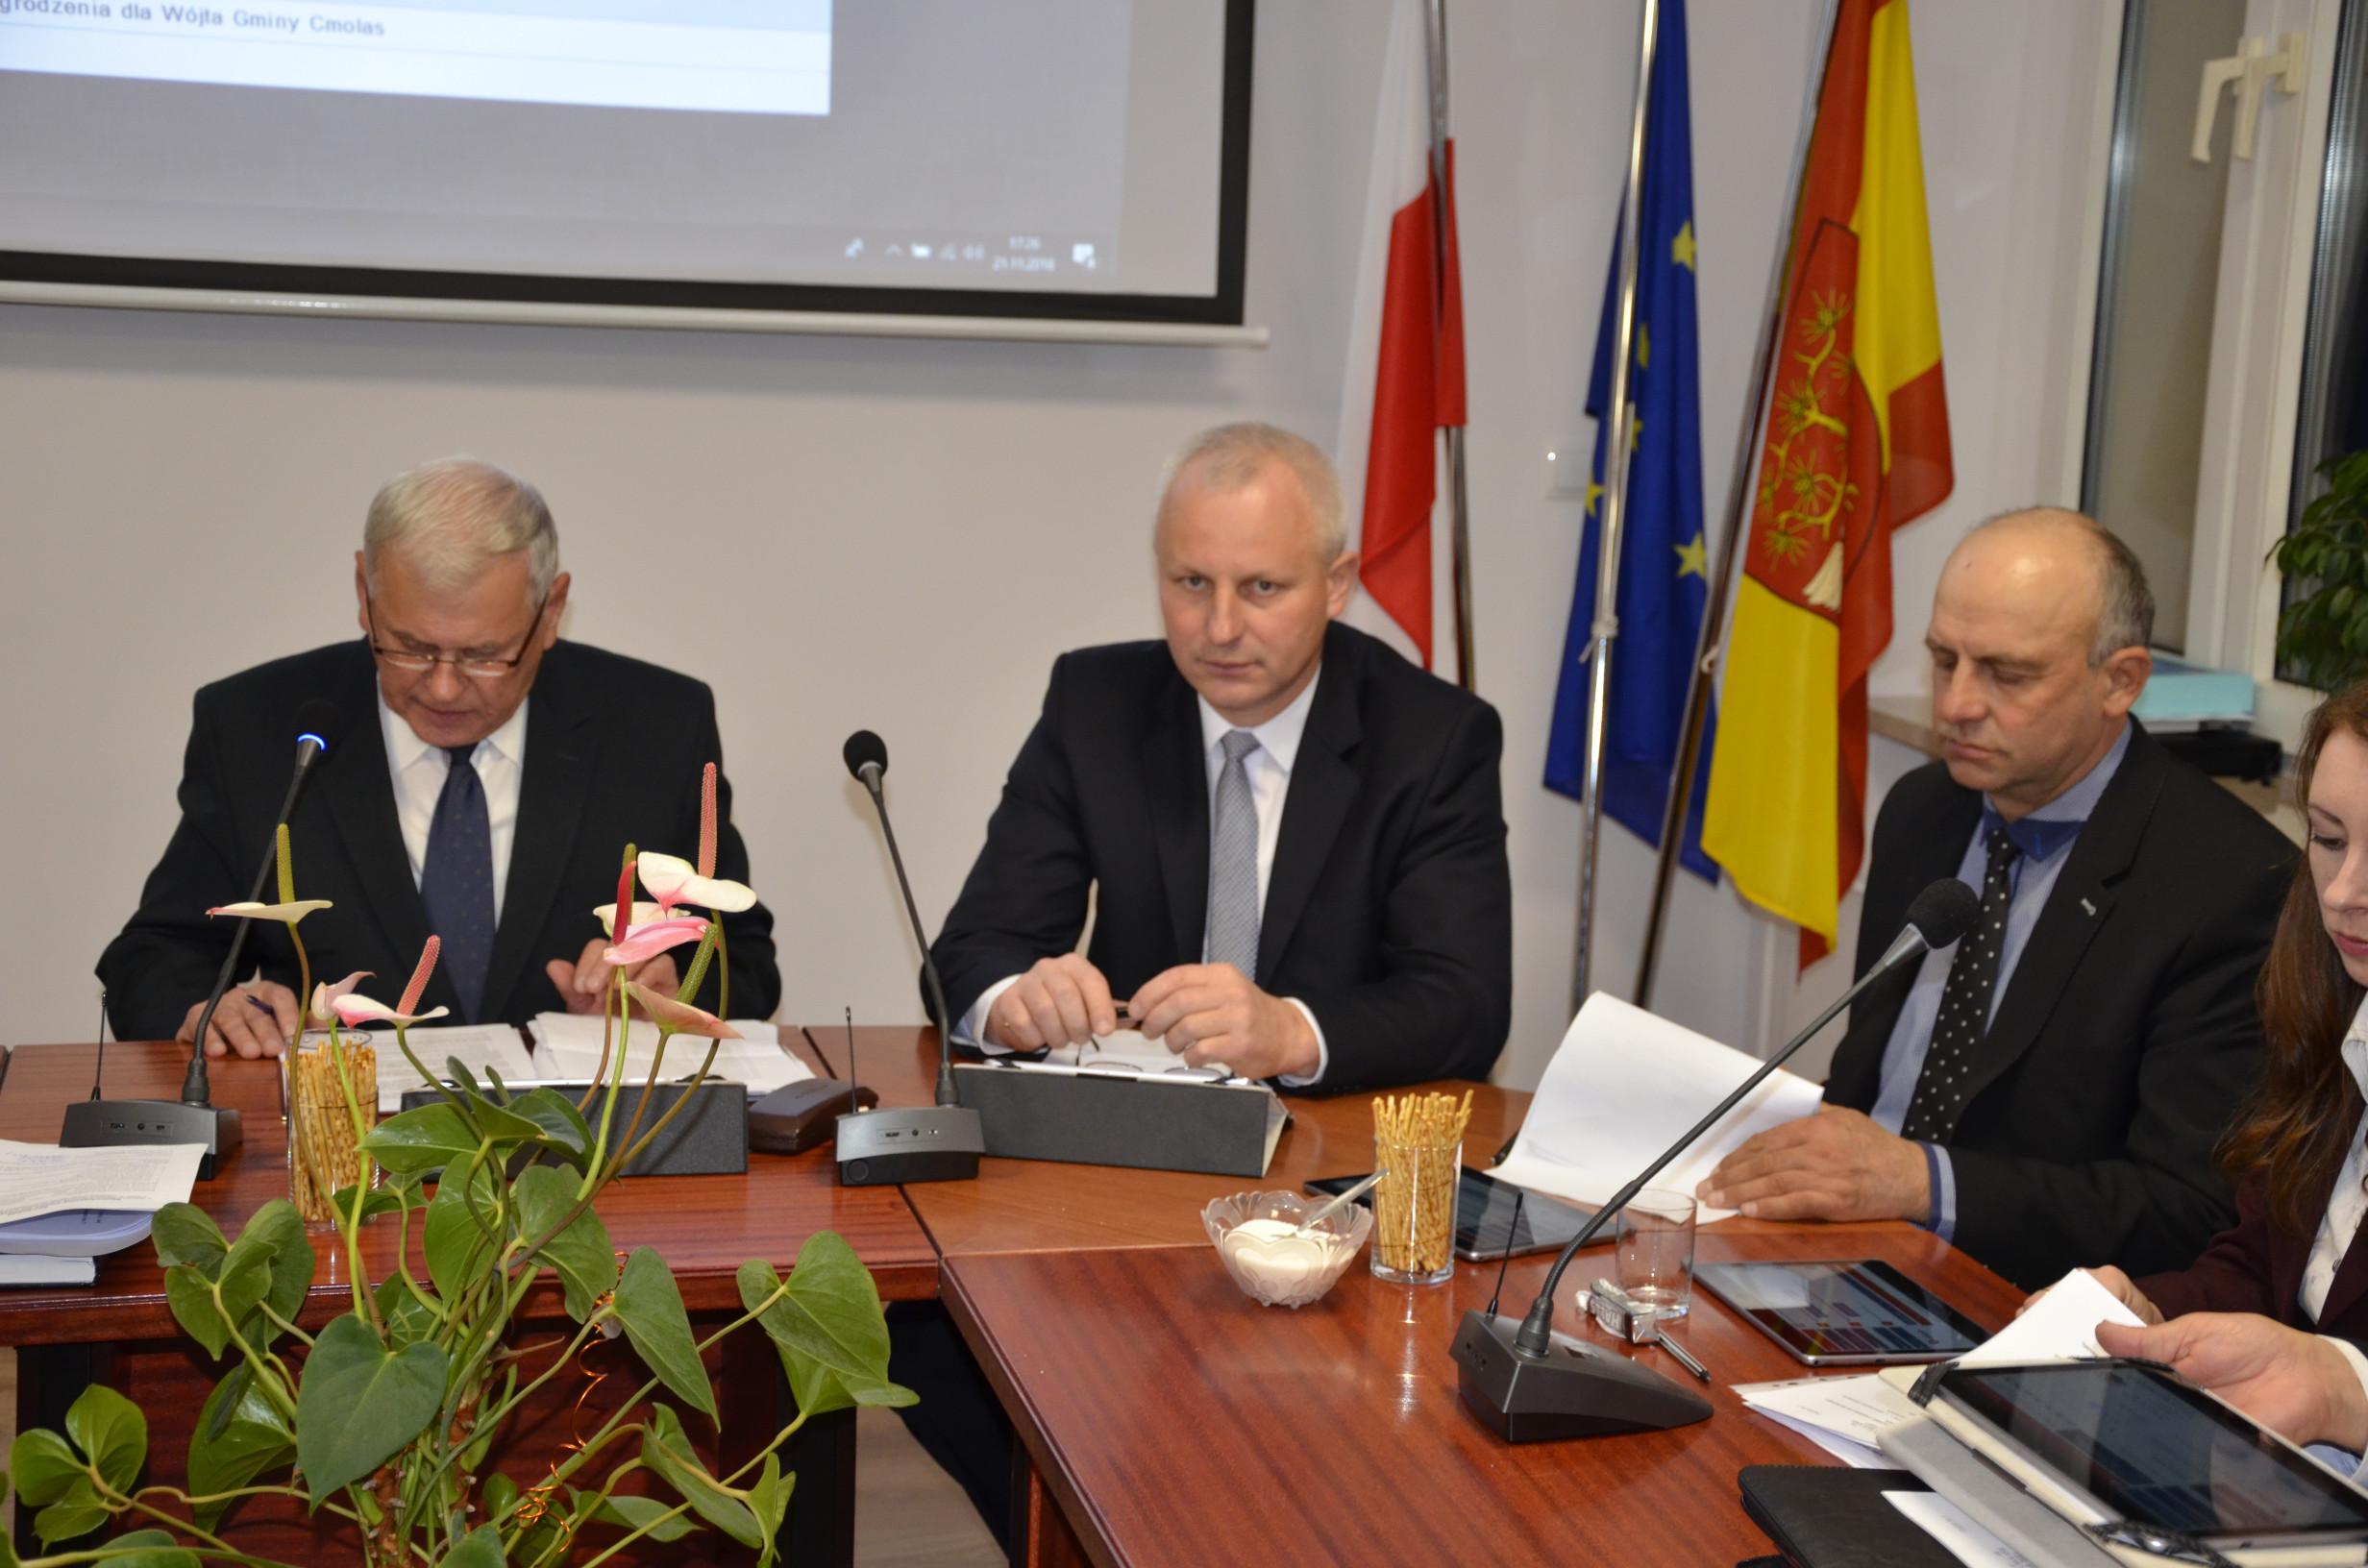 Gmina Cmolas. Radni ustalili składy komisji stałych działających w ramach rady gminy  - Zdjęcie główne